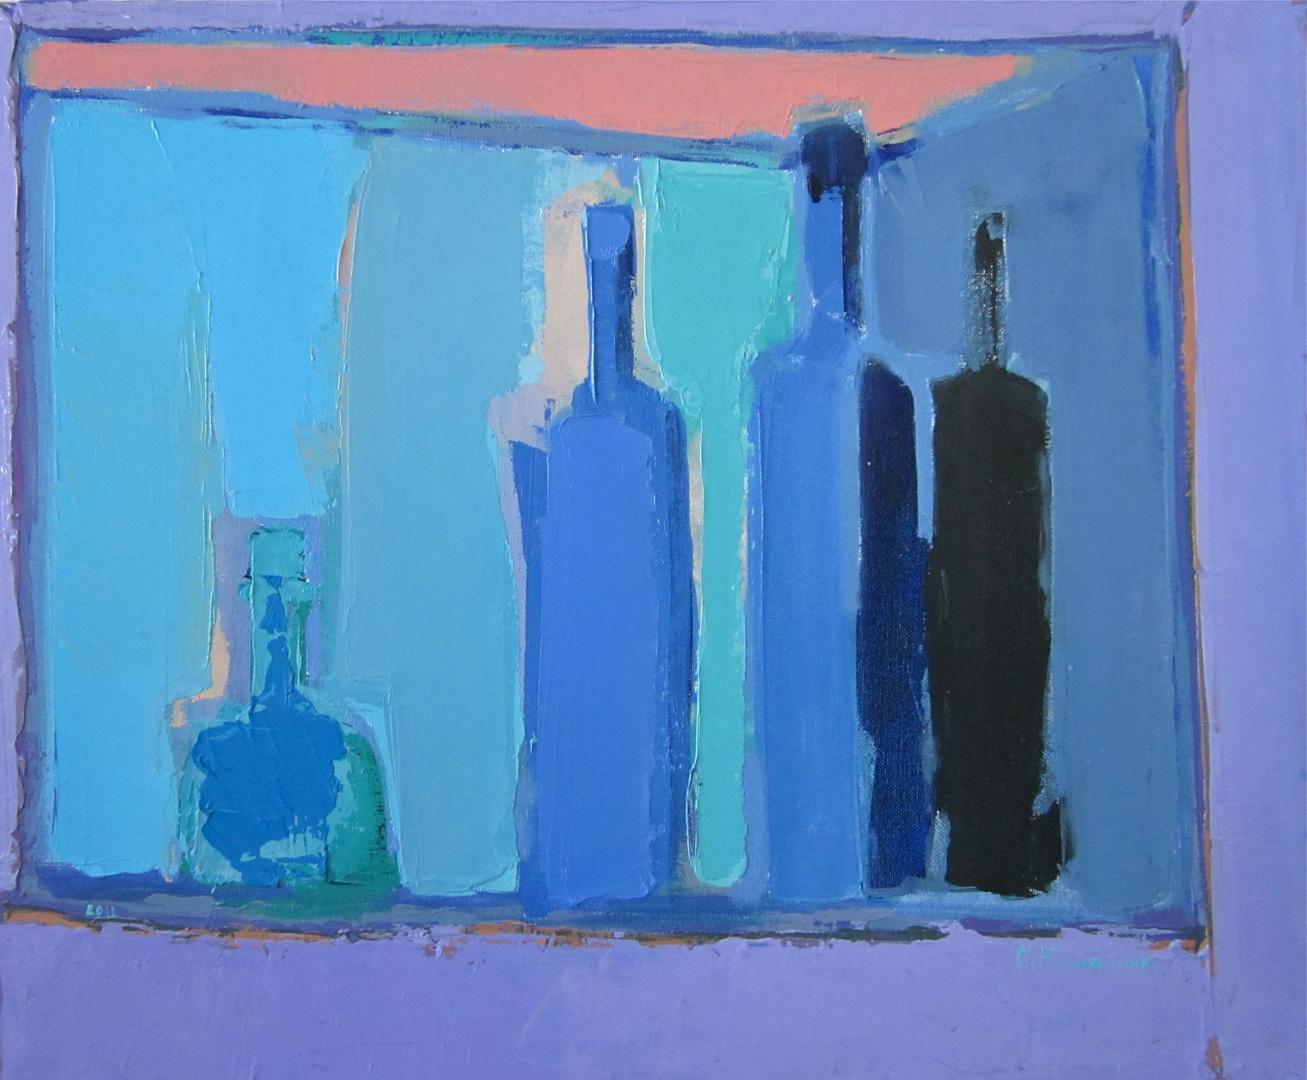 'Silhouette. Bottles'